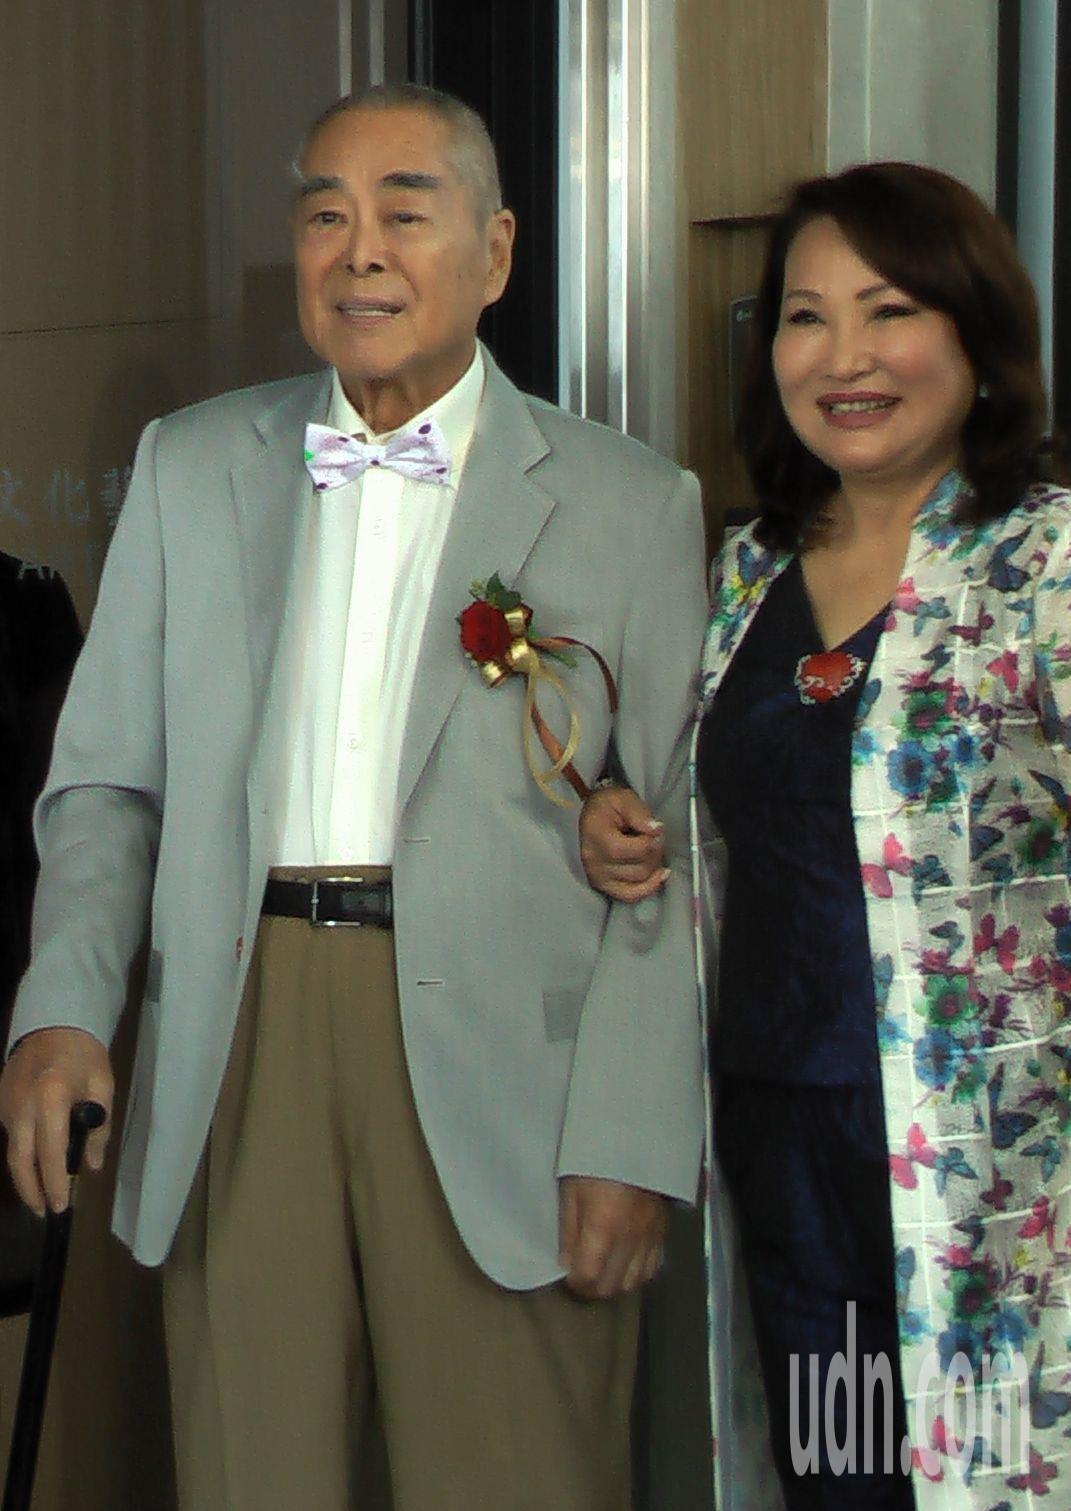 蕭勤國際文化藝術基金會執行長吳素琴(右)近距離訪談蕭勤(左)長達兩年,撰寫「逍遙...